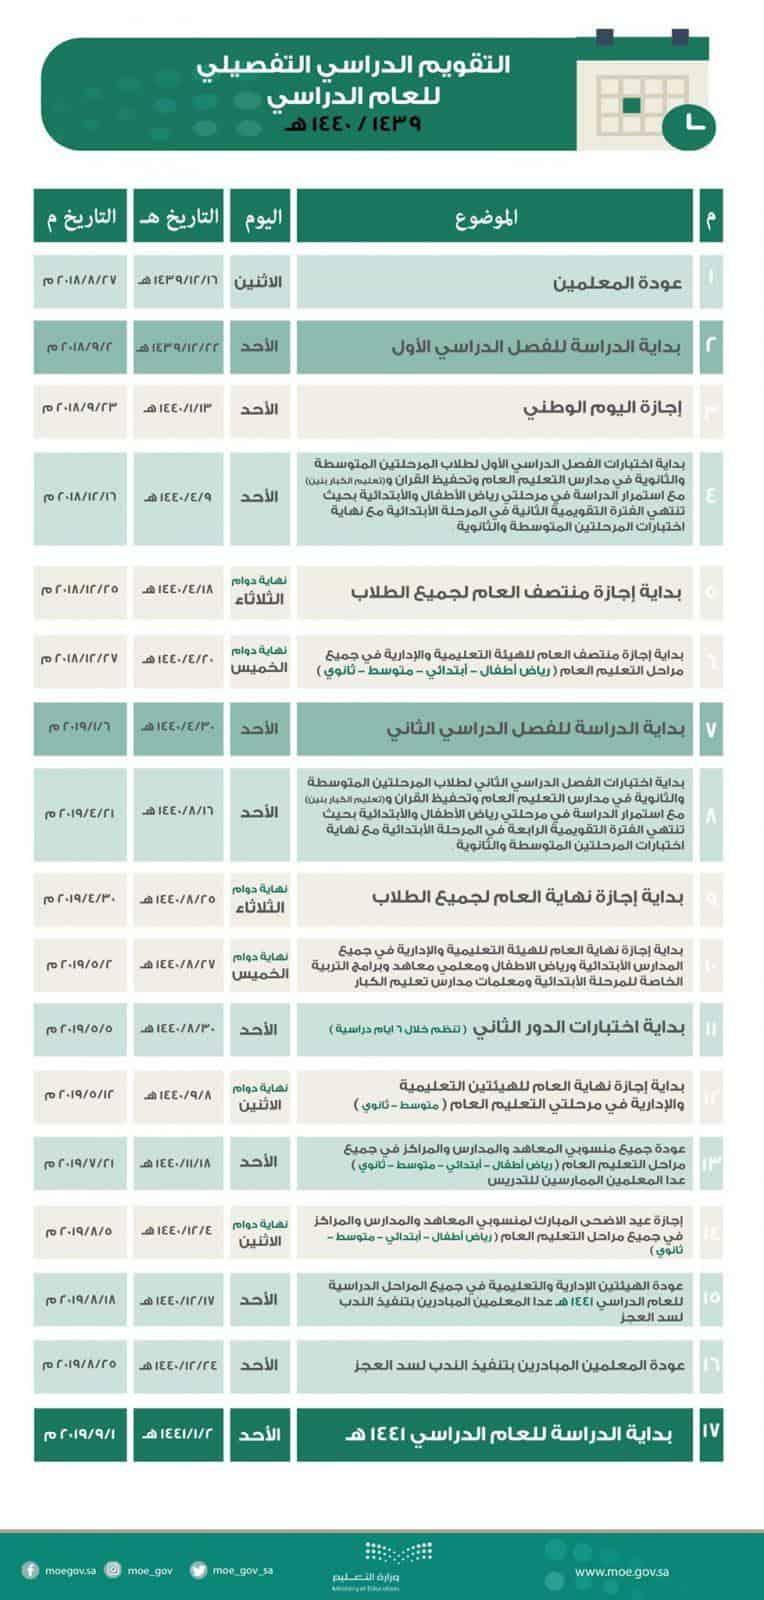 مواعيد الامتحانات الفصل الدراسي الثاني في السعودية 2019